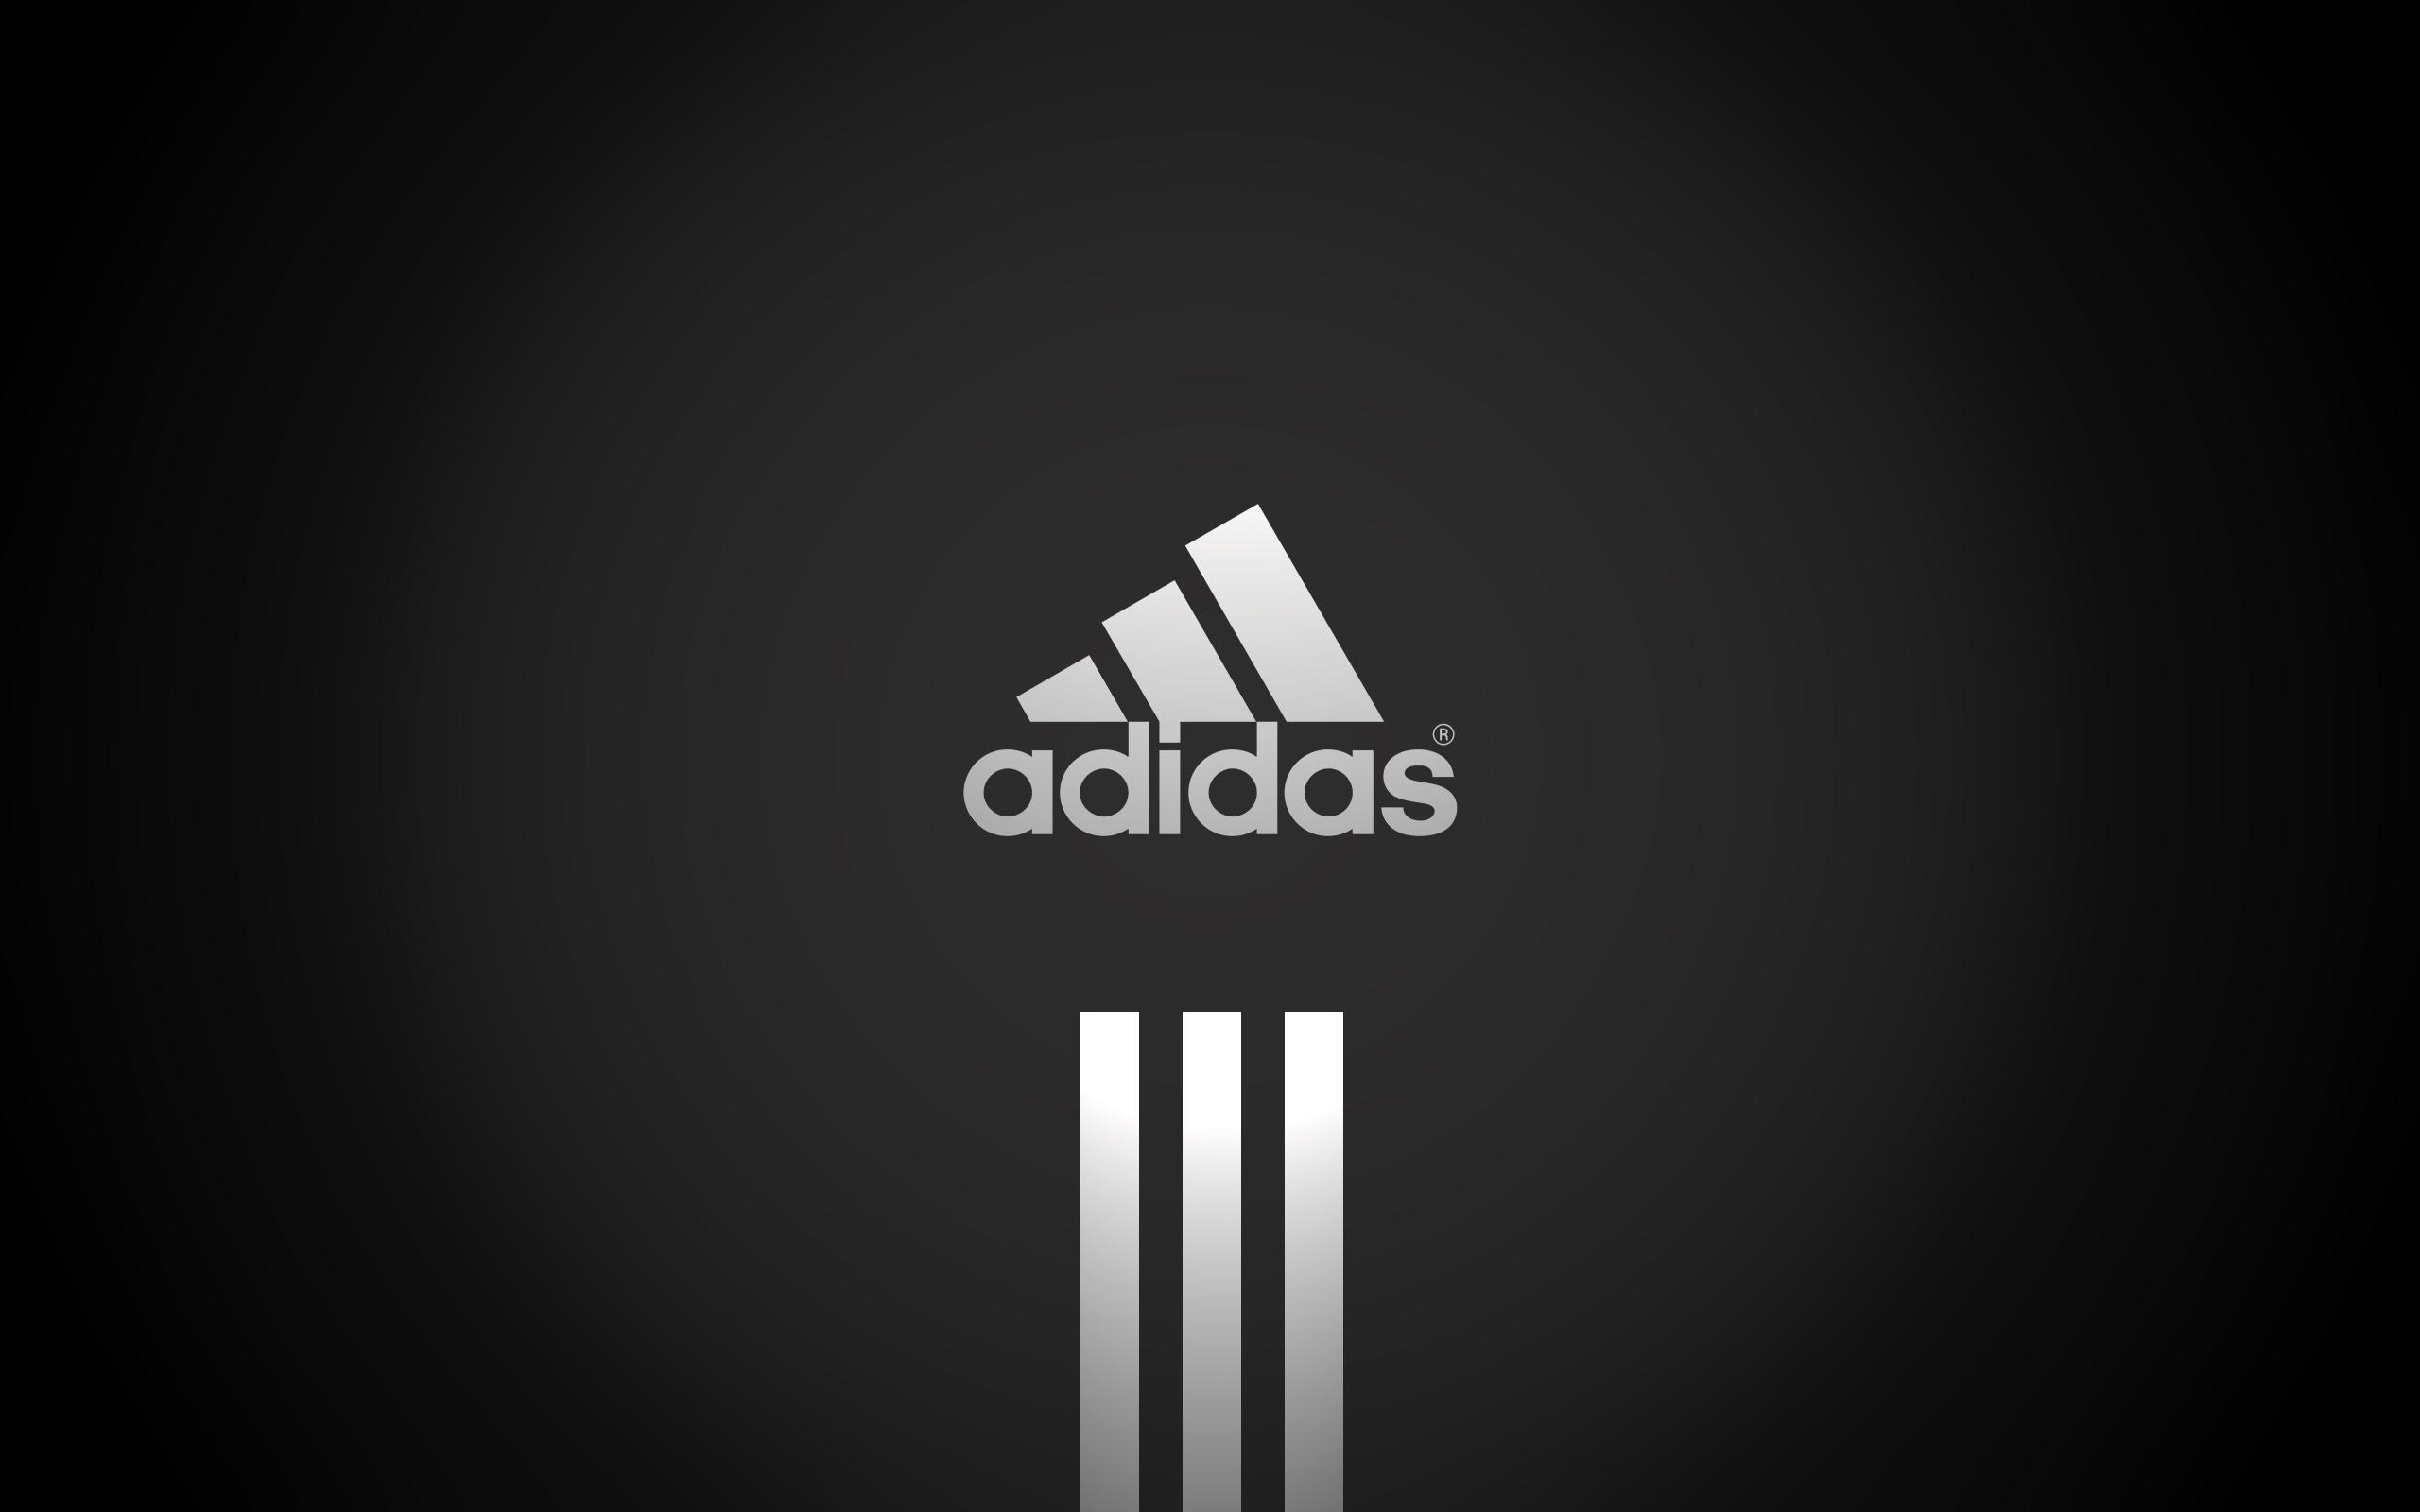 3c46e44ed23 La empresa Adidas finalizará casi cuatro años antes su acuerdo de patrocinio  con la Federación Internacional de Atletismo (IAAF)